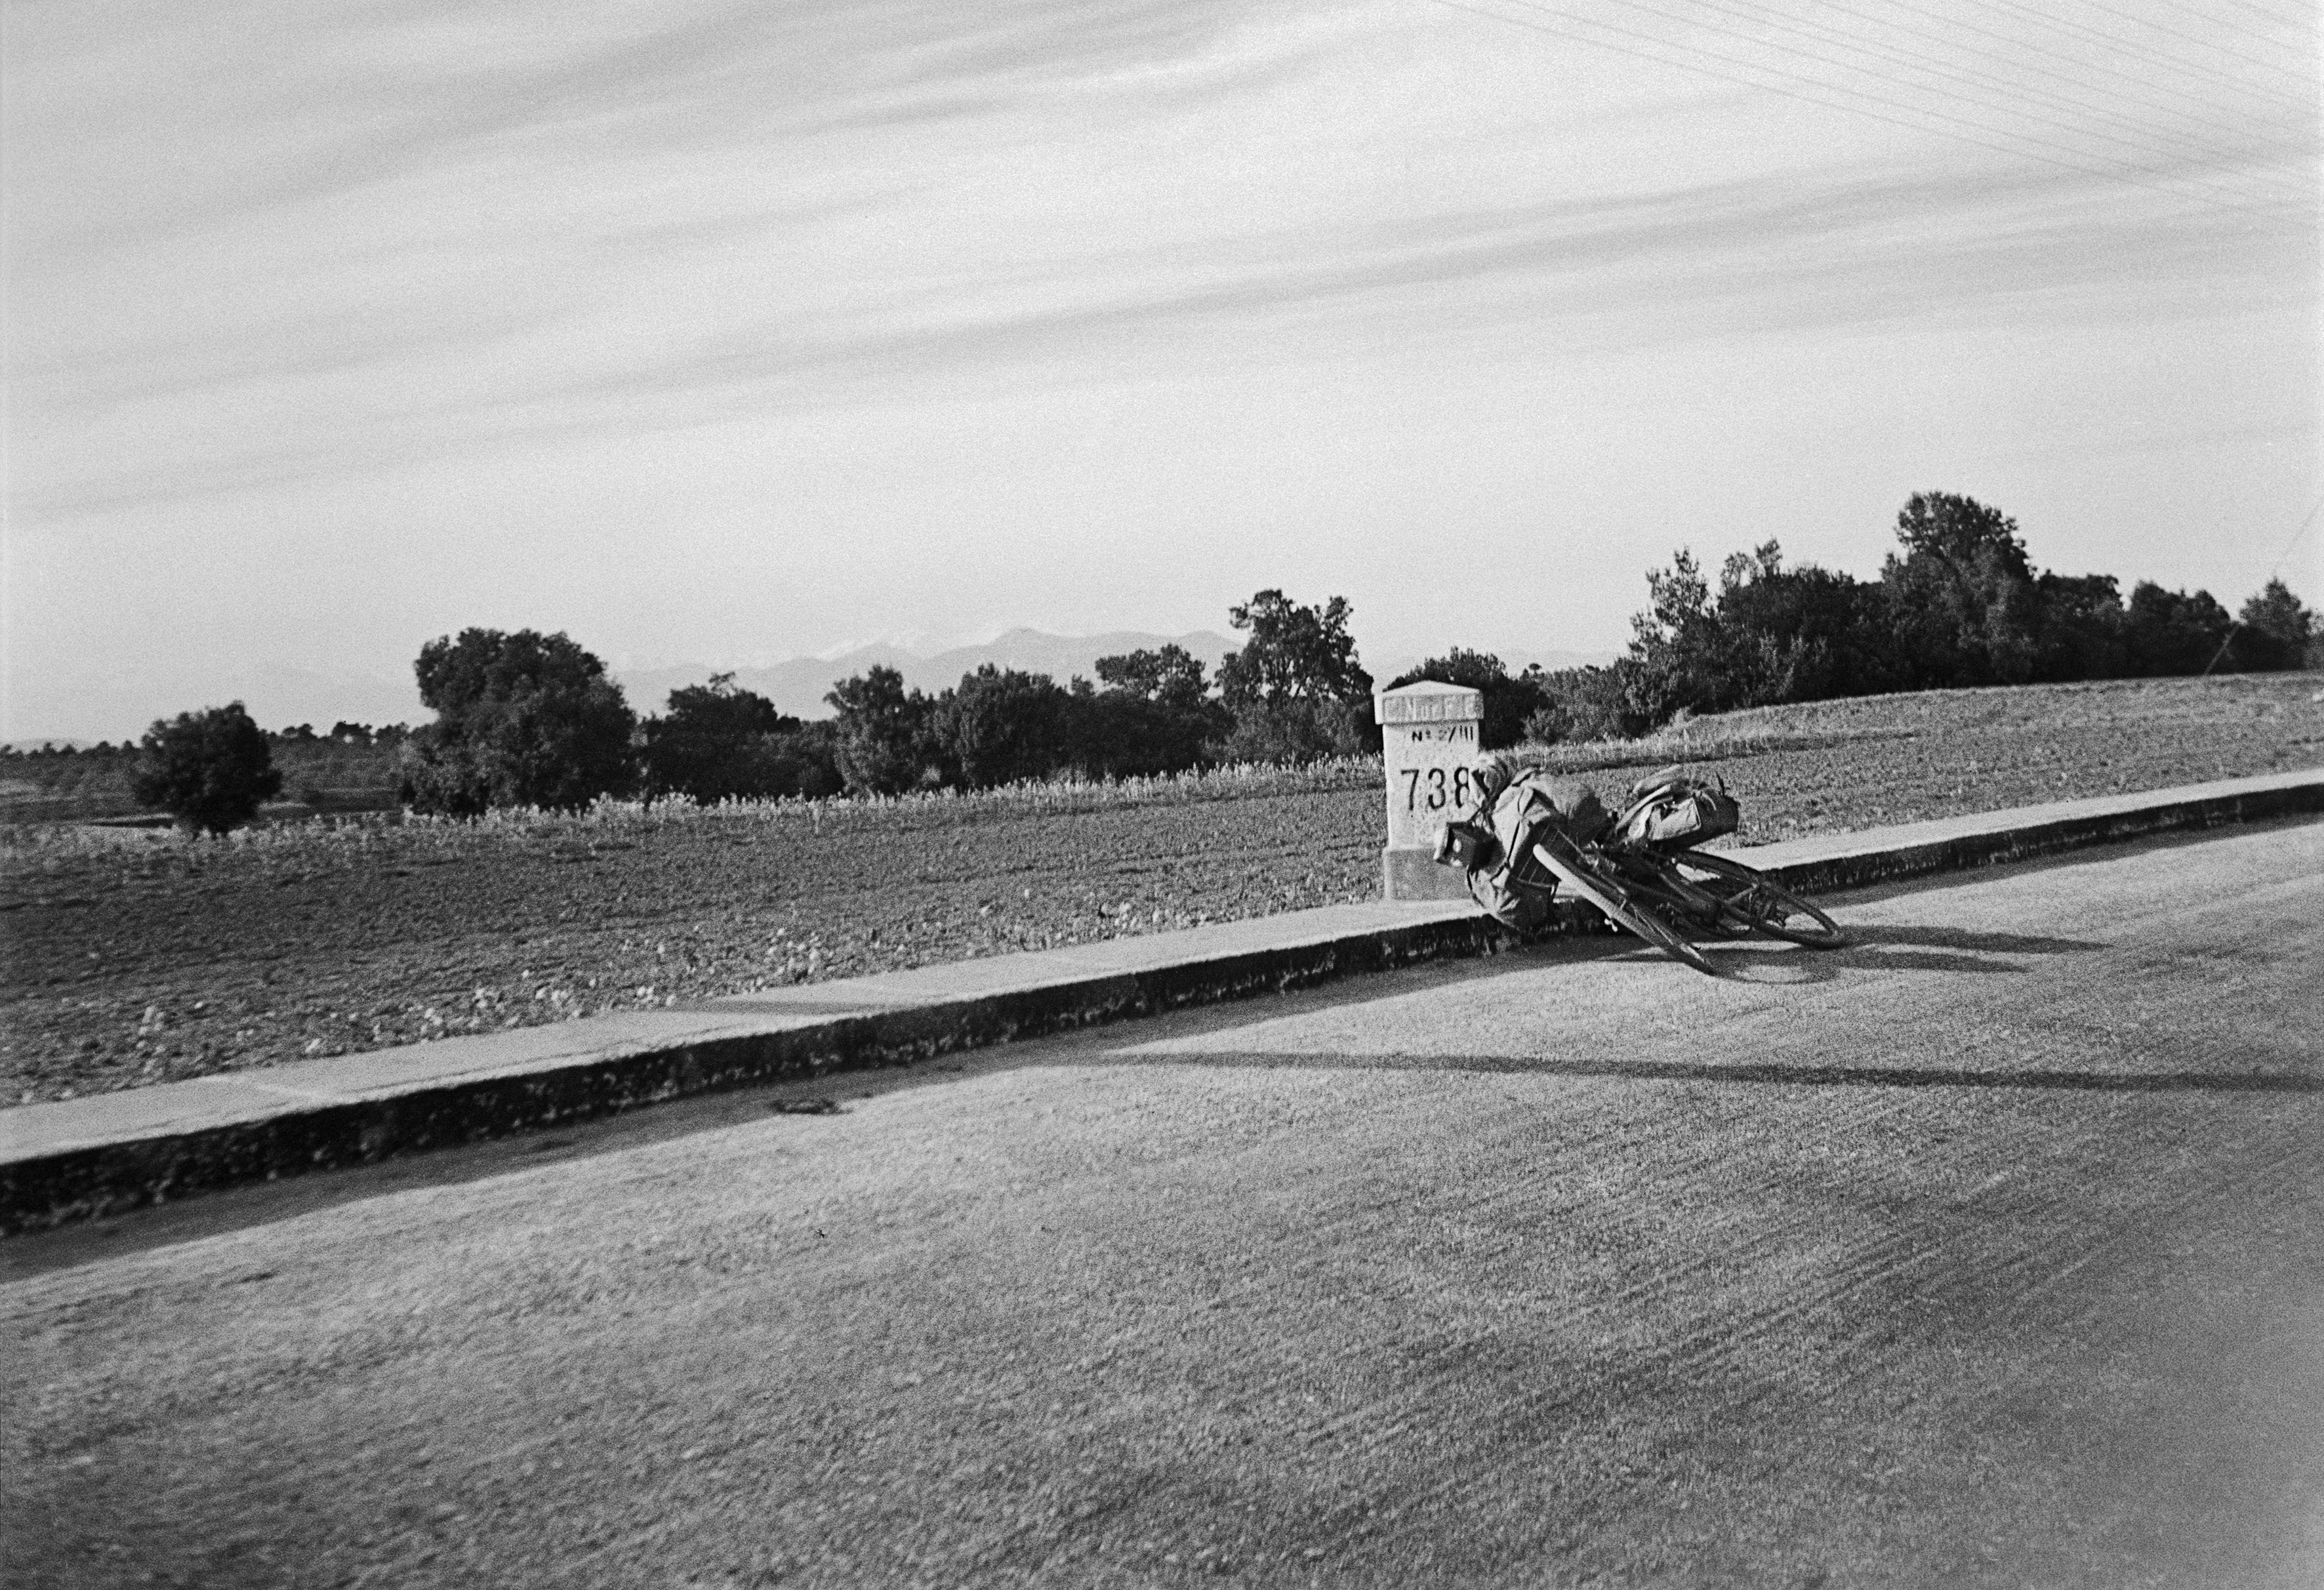 Carreteras. 1935. © Fundação Pierre Vergerº